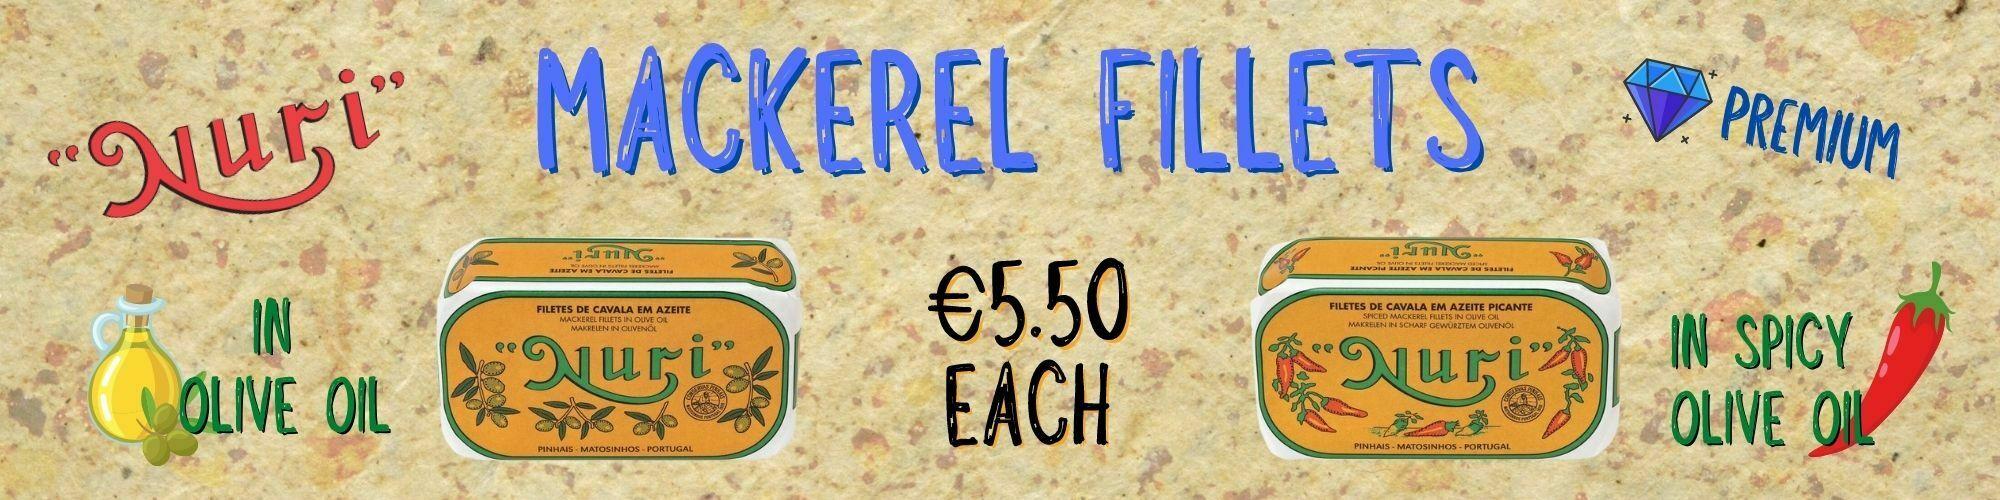 Mackerel-banner-image